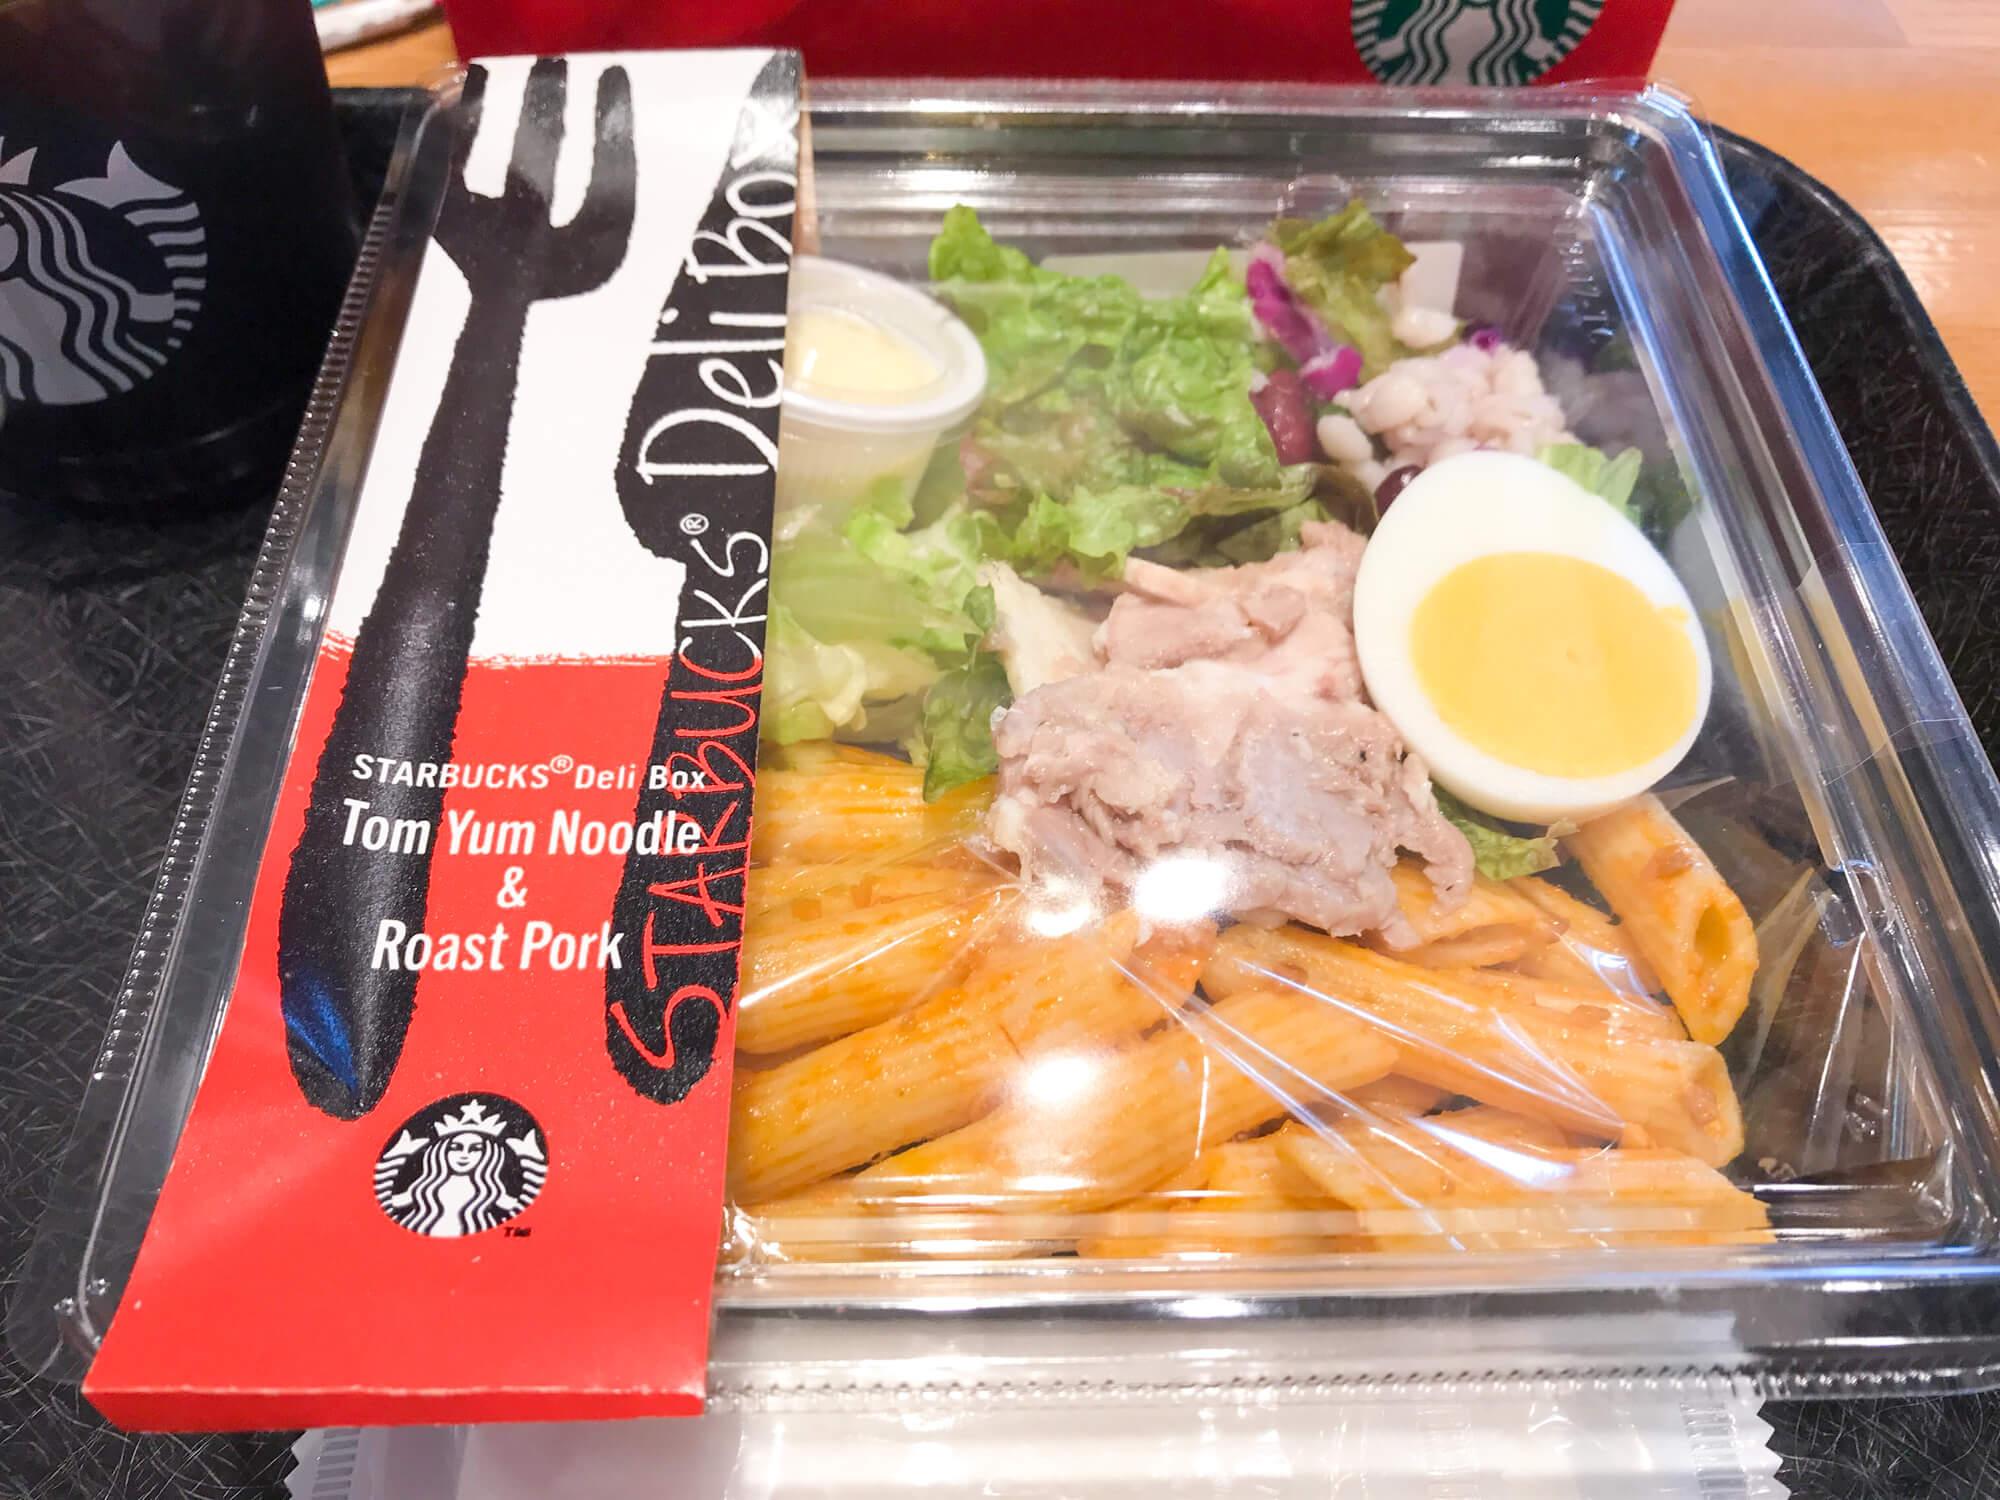 スタバの新ランチ「デリボックス」なかなか良かった!トムヤムヌードル&ローストポーク味食べたよ~!